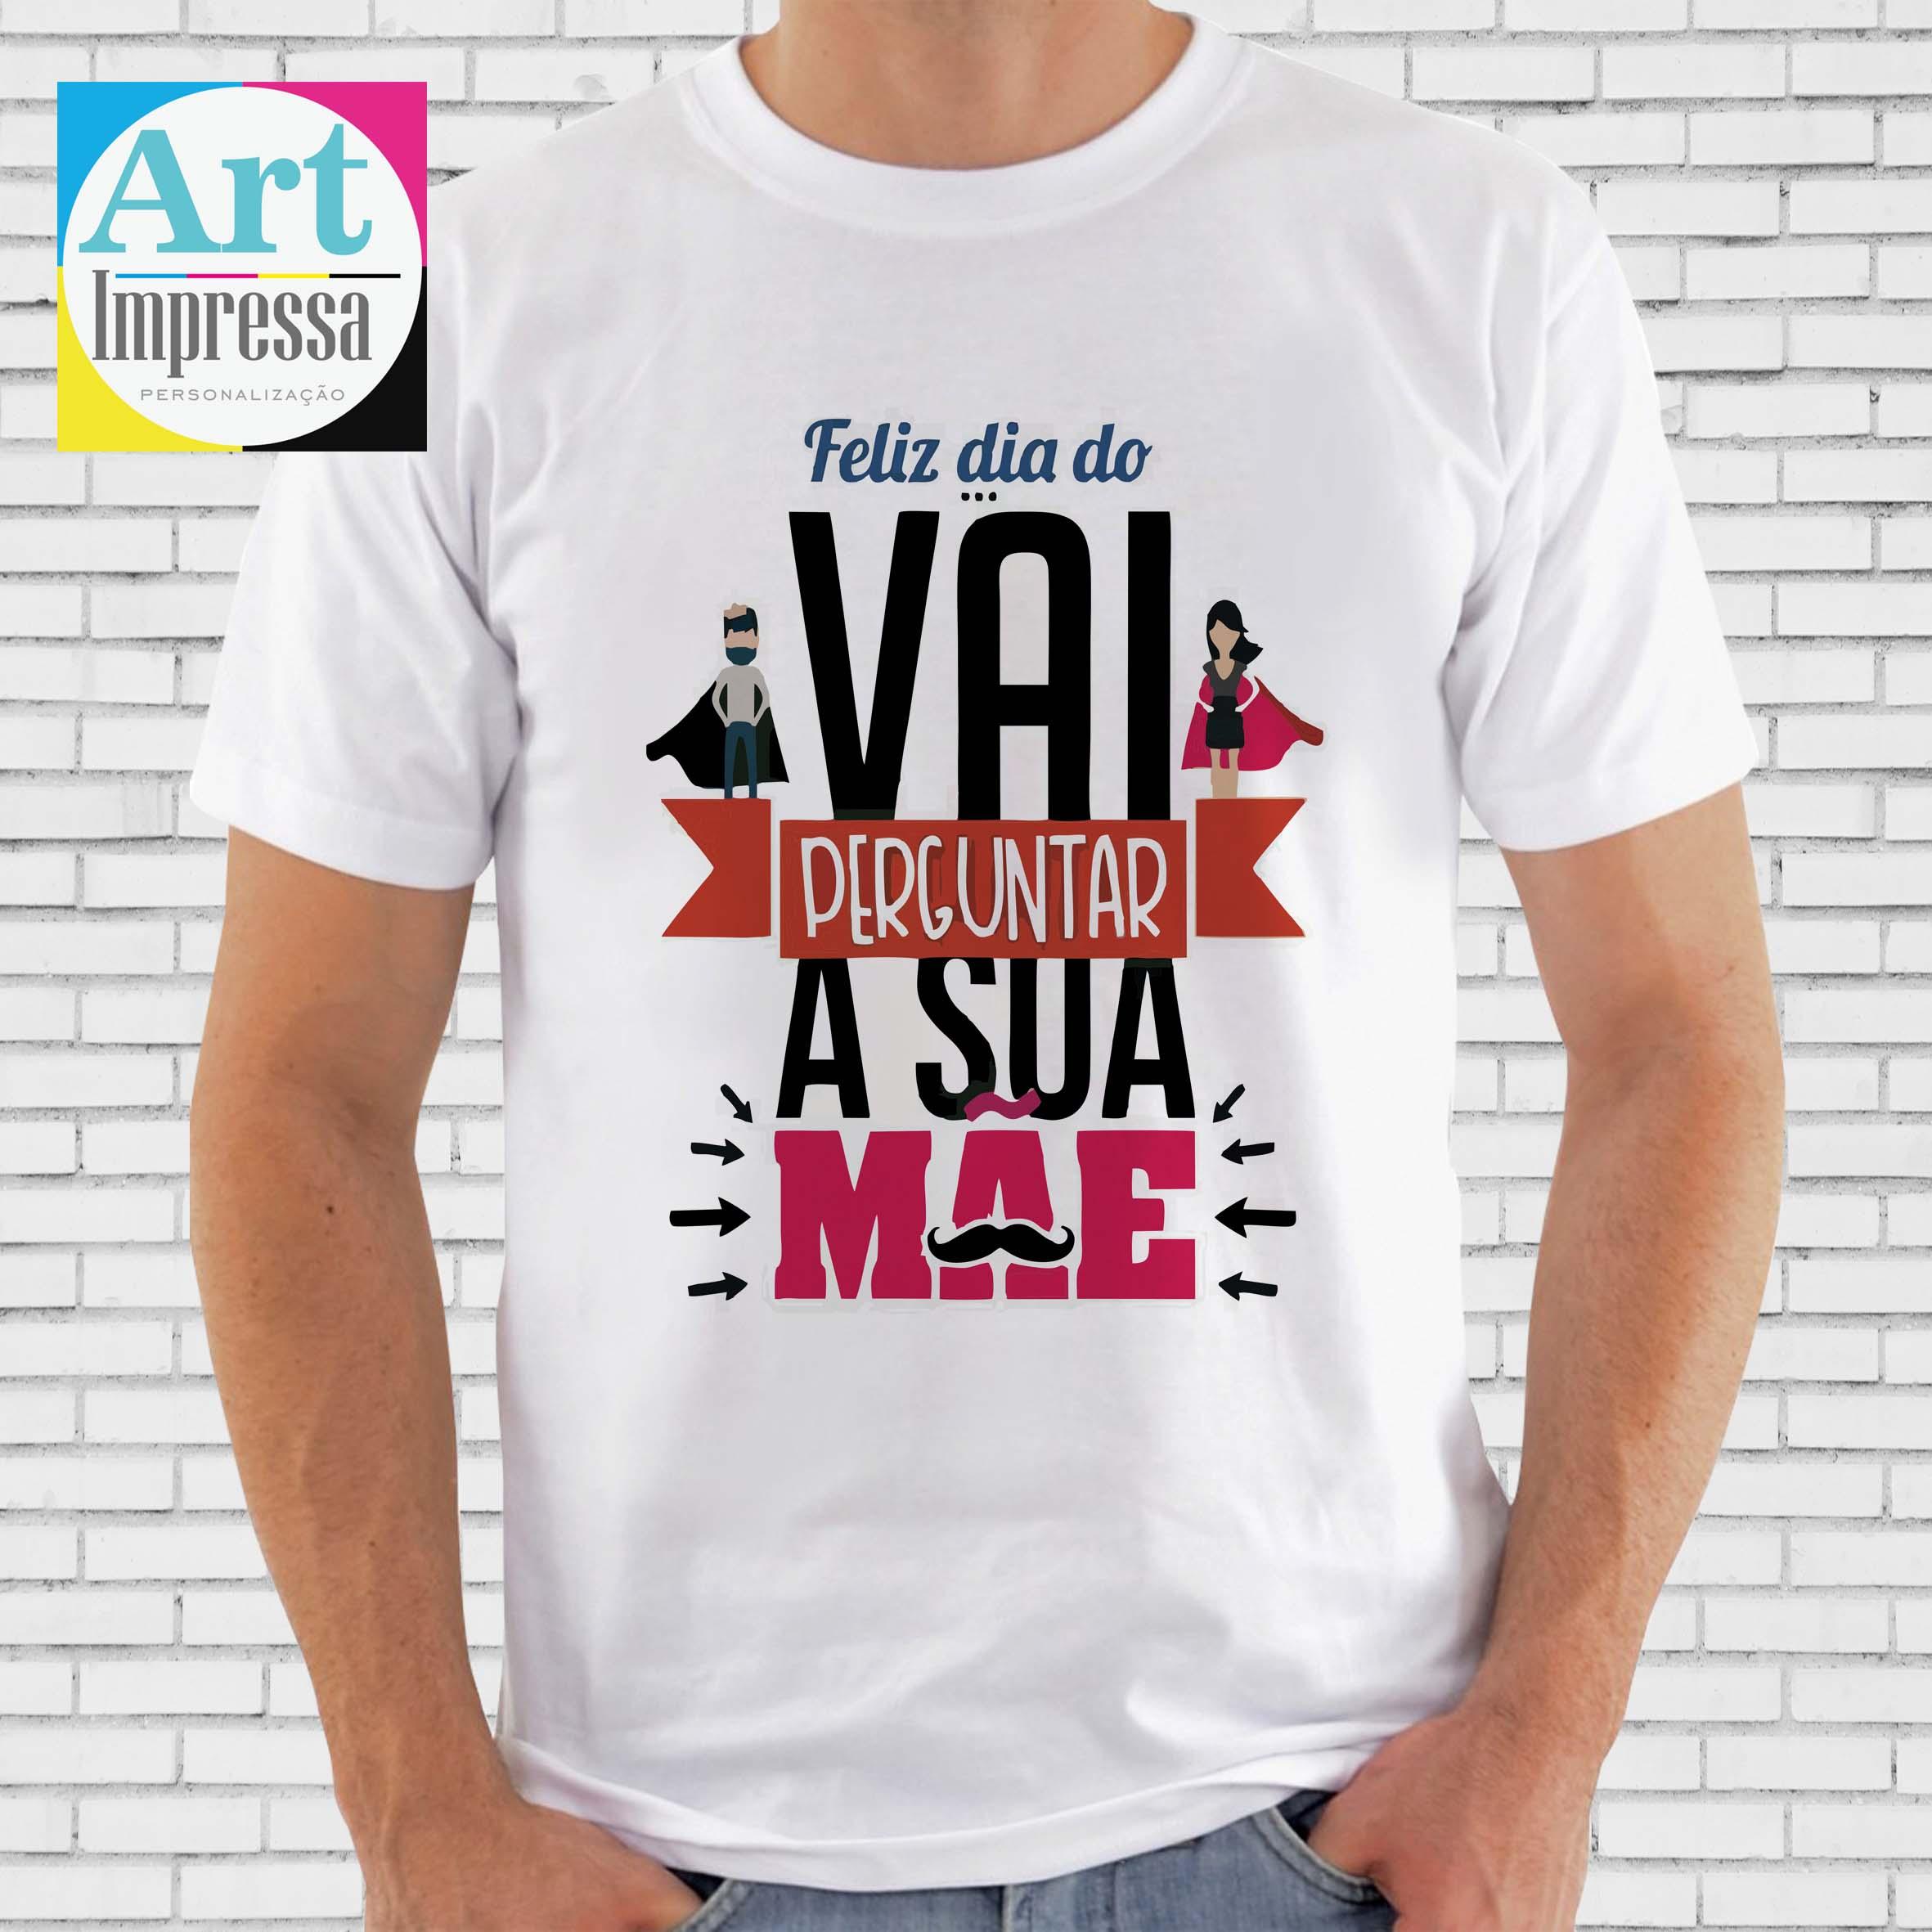 Camiseta Feliz Dia Dos Pais Divertido No Elo7 Art Impressa